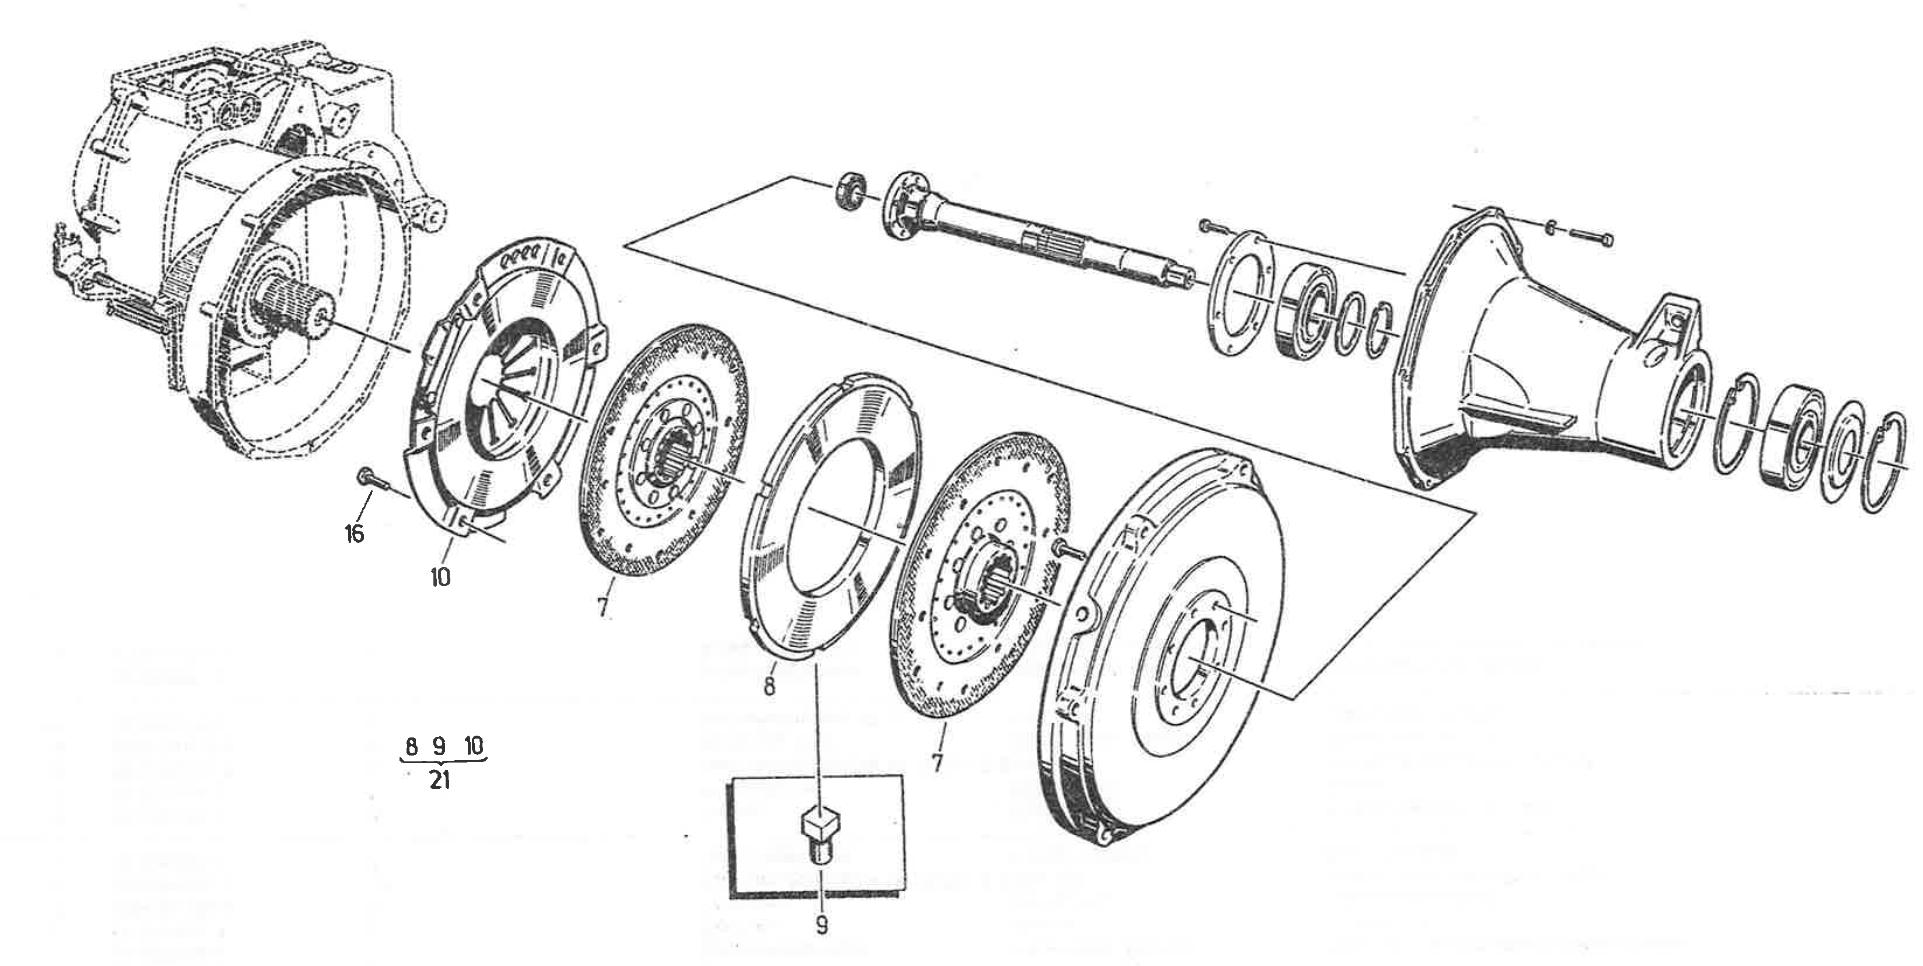 525_1997_174_Stirnradschaltgetriebe_2_Antriebsw_